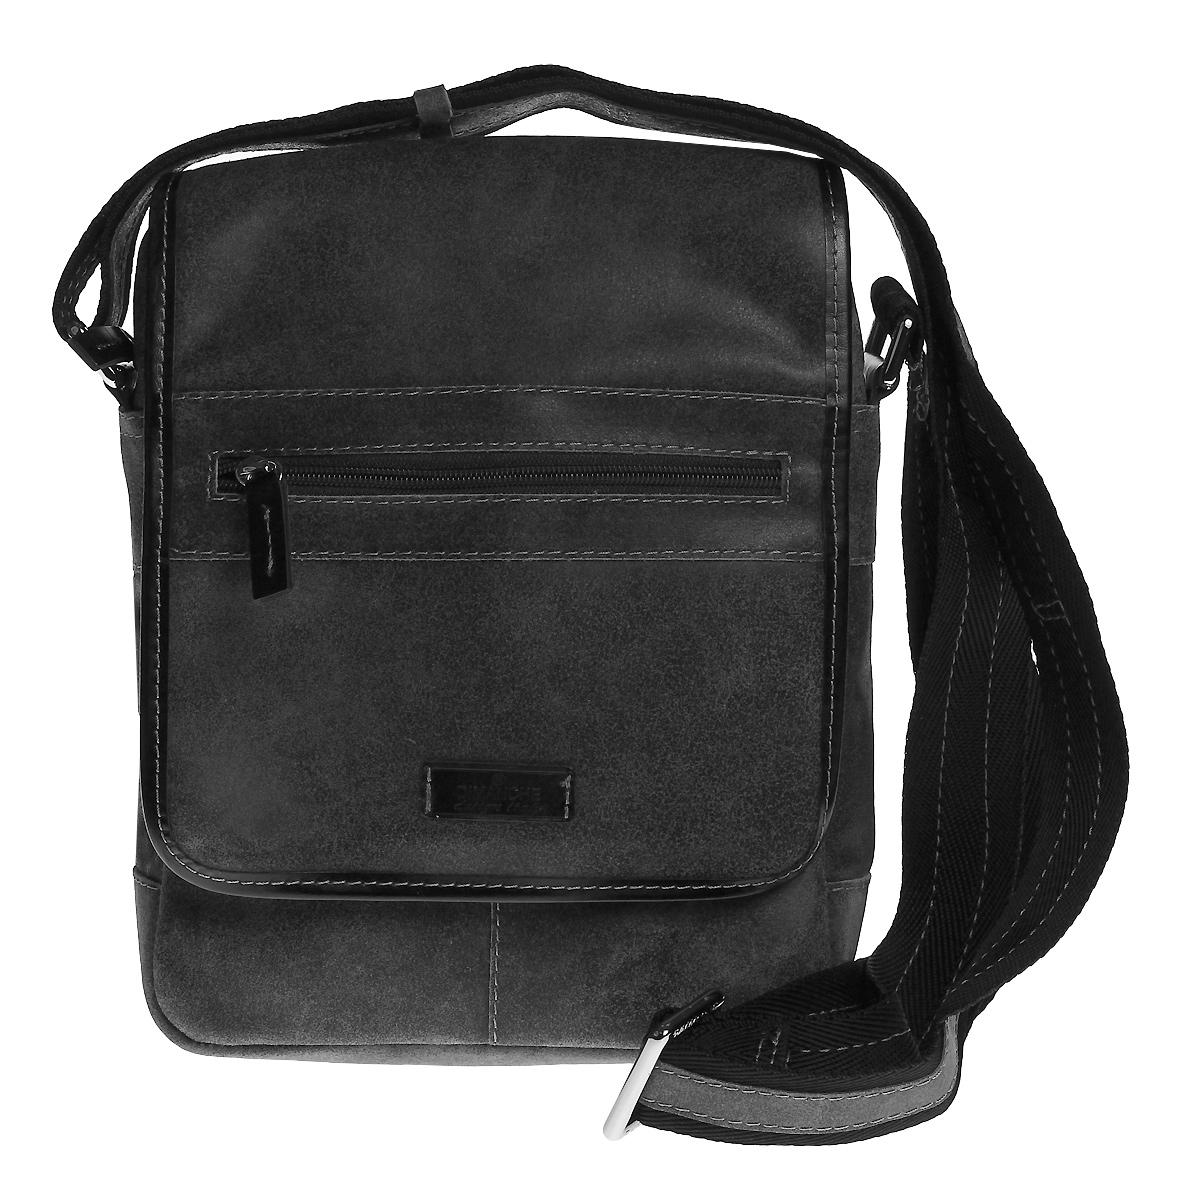 Сумка мужская Dimanche Кантри, цвет: серый. 879/36879/36Стильная мужская сумка через плечо Dimanche Кантри, выполненная из натуральной кожи, компактная, но в то же время функциональная. Удобная и эффектная сумка на каждый день. Модель имеет одно вместительное отделение, закрывающееся застежкой-молнией и дополнительно клапаном на магнитную кнопку. Под клапаном - плоский карман на застежке-молнии. На клапане - небольшой карман на застежке-молнии. Задняя сторона также дополнена карманом на застежке-молнии. Сумка дополнена регулируемым плечевым ремнем.